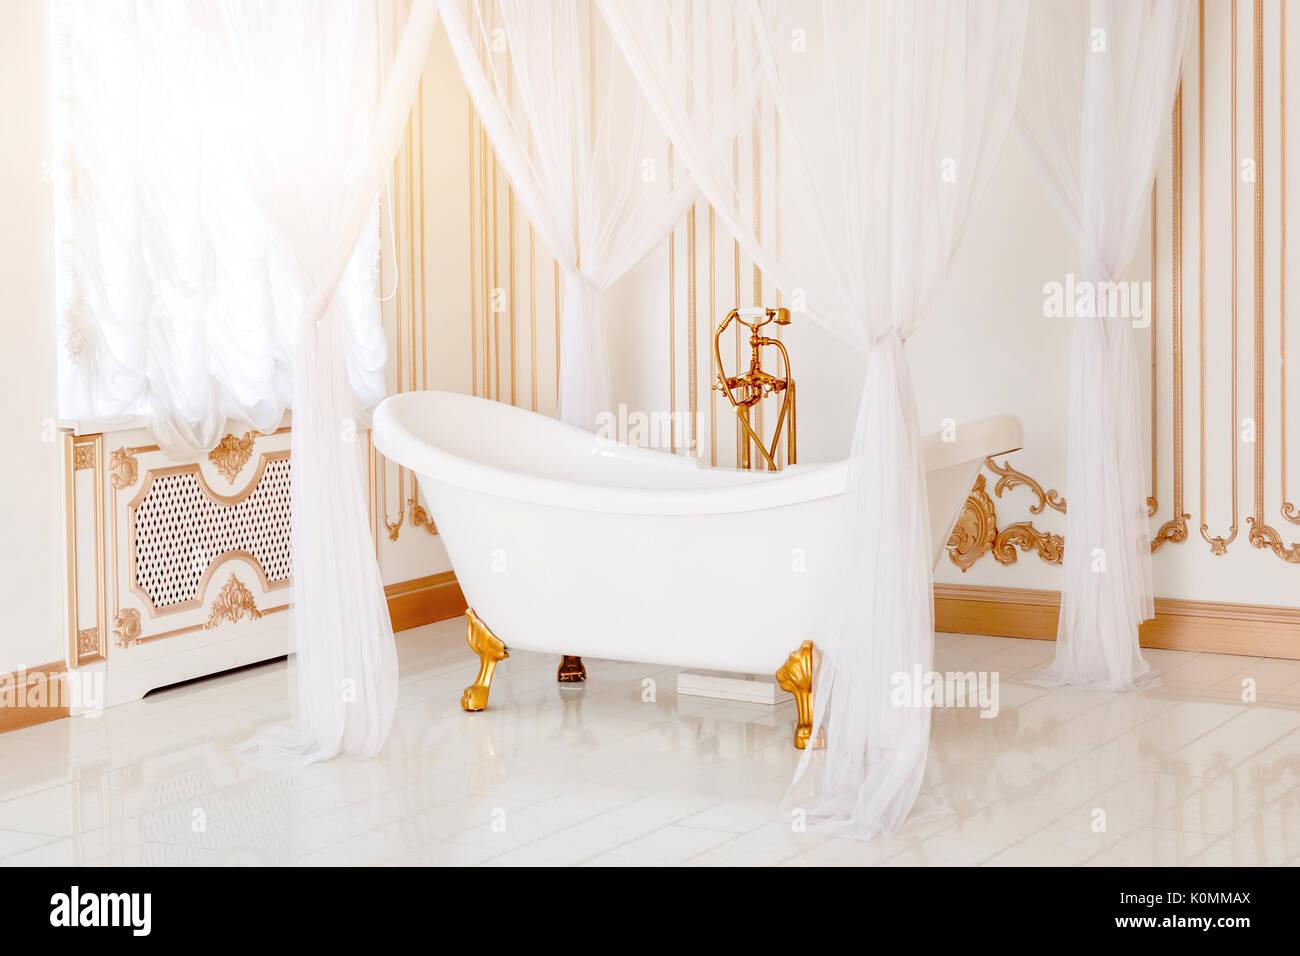 Foto Bagni Chiari : Bagno di lusso in colori chiari con arredamento dorato dettagli e